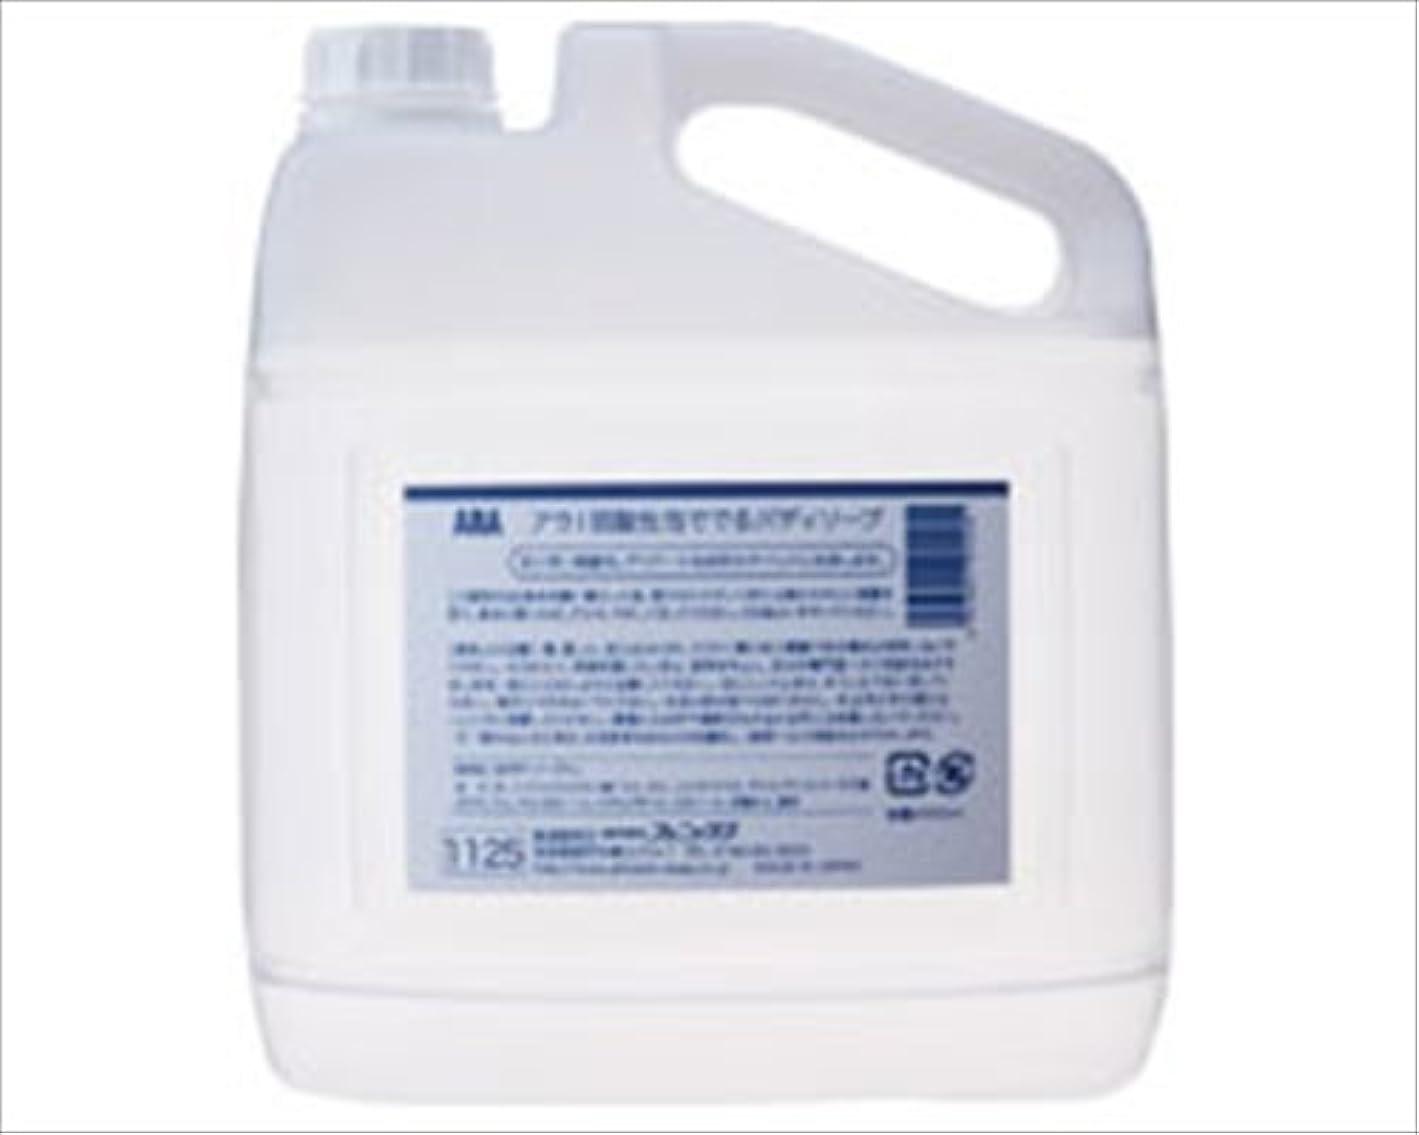 自然繕う適応する弱酸性泡ででるボディソープ (アラ) 4L /7-2238-02